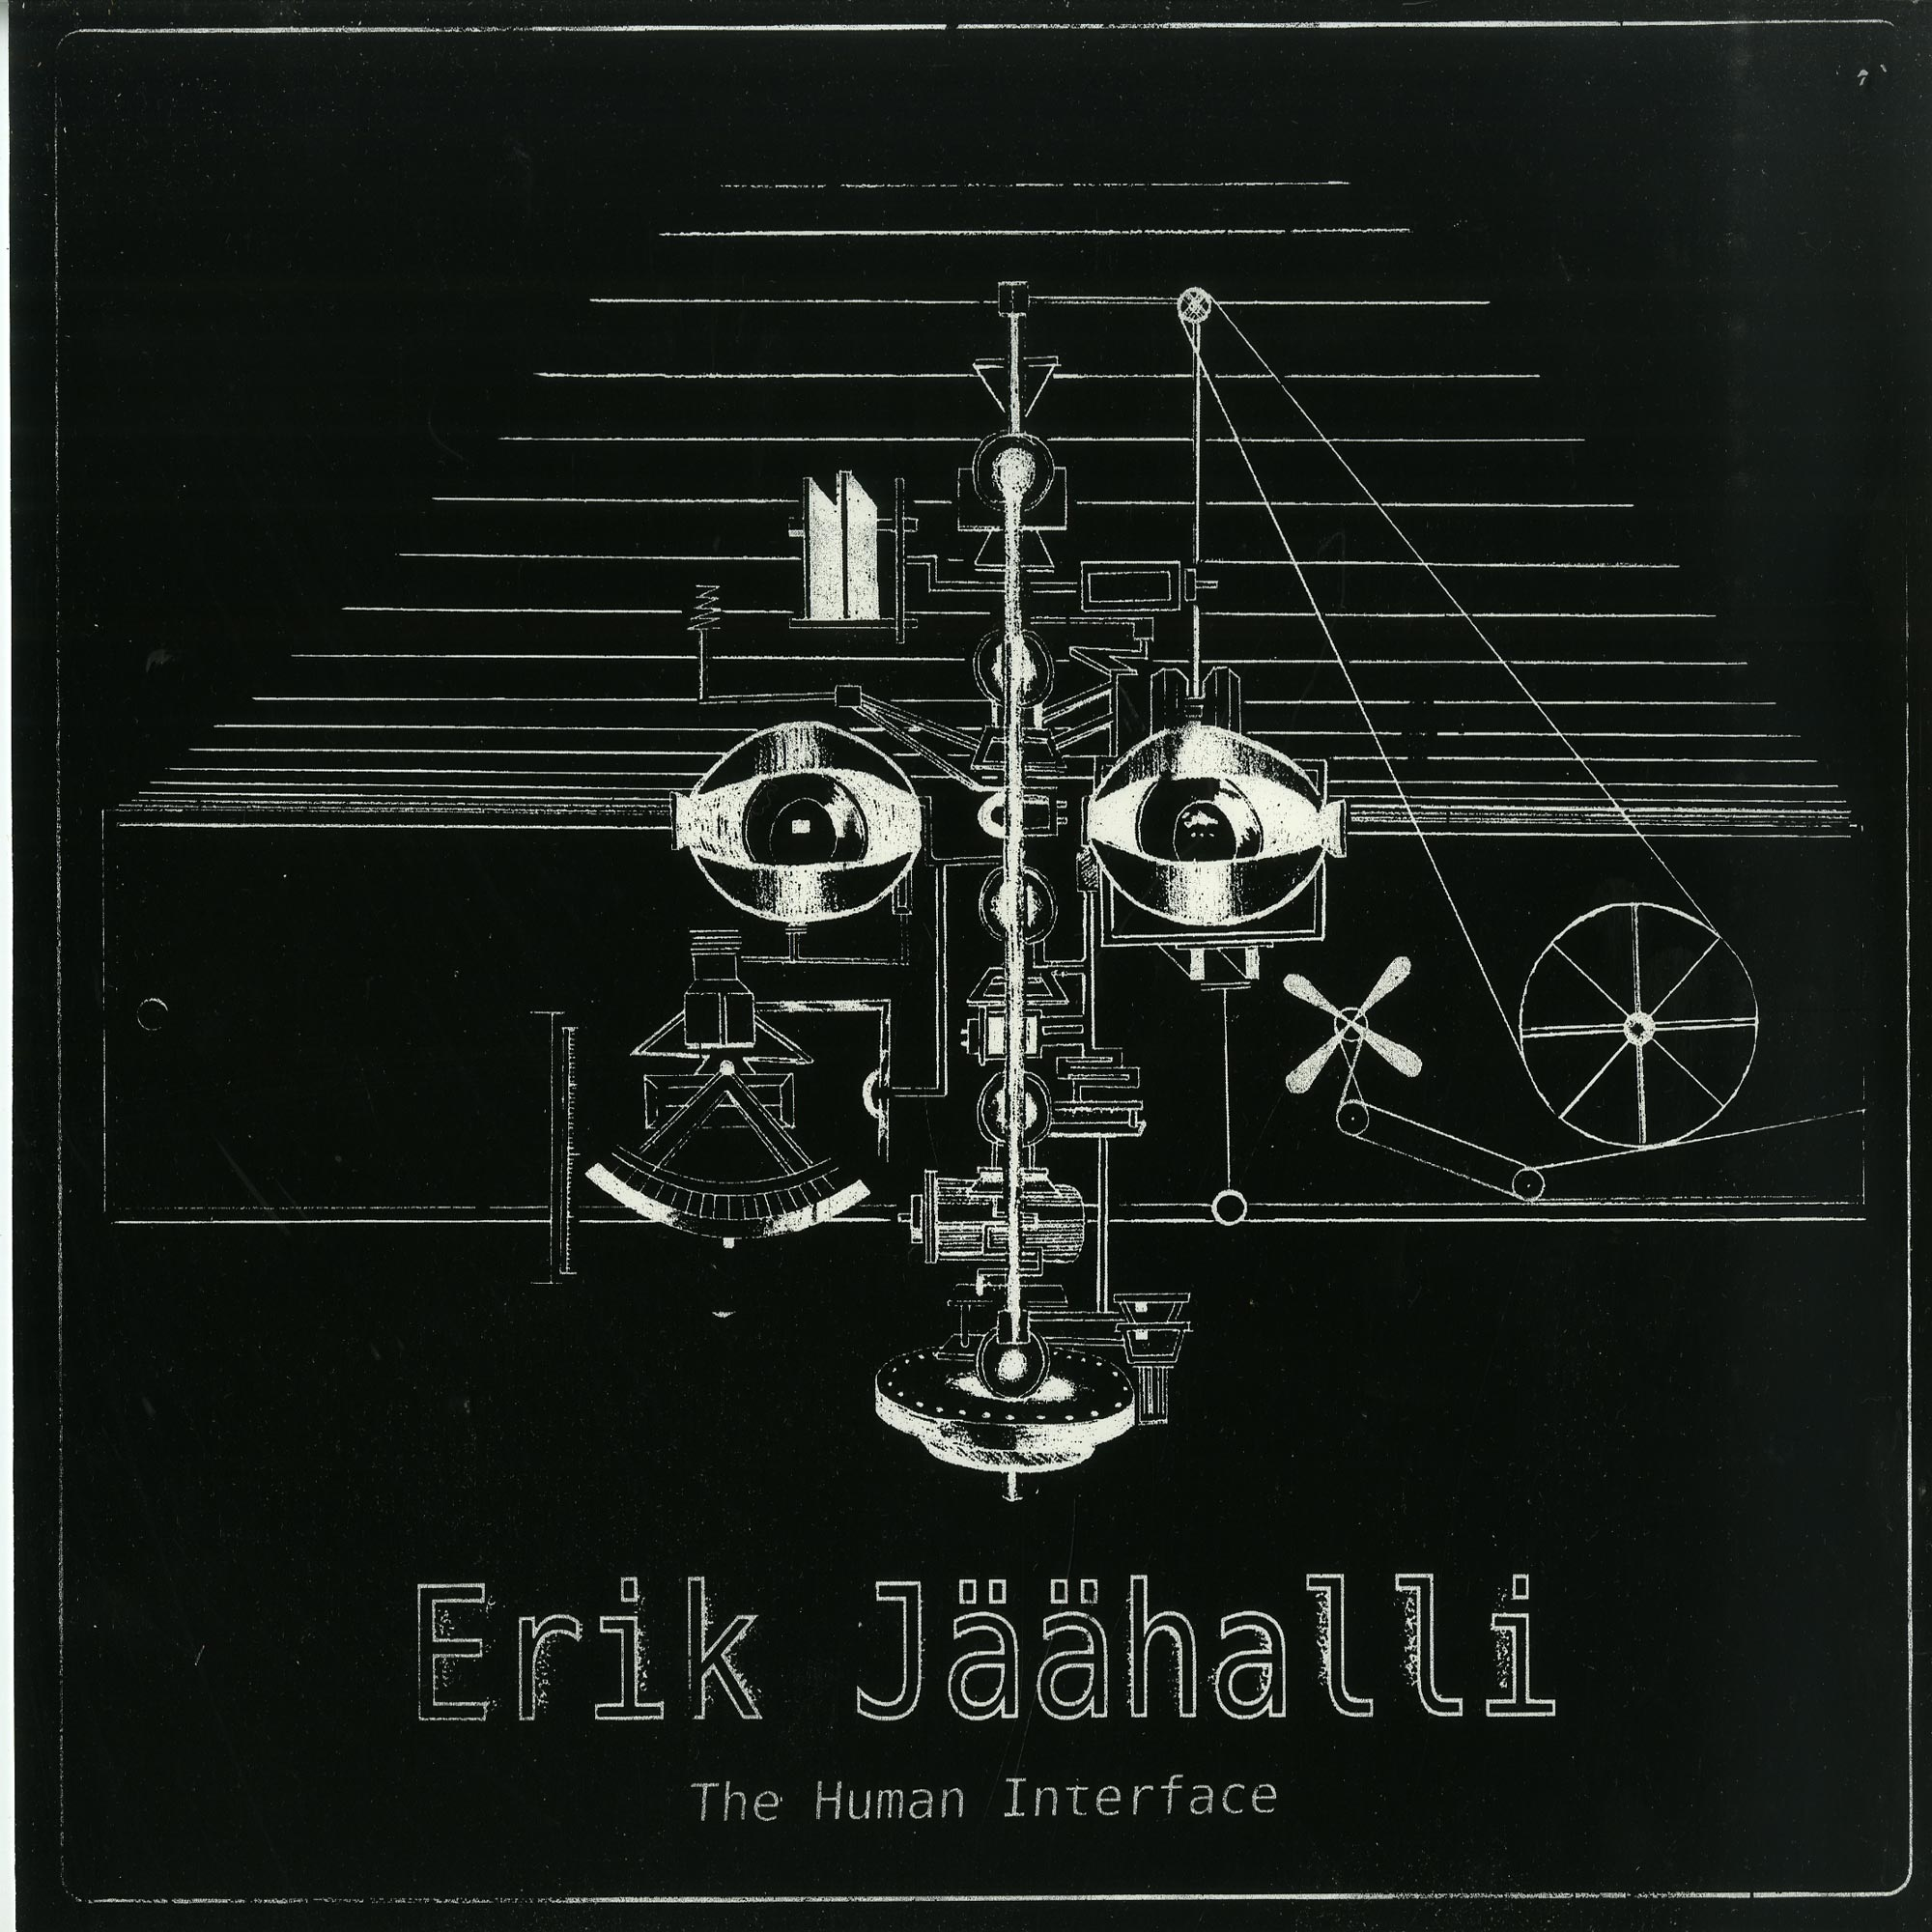 Erik Jaeaehalli - THE HUMAN INTERFACE LP